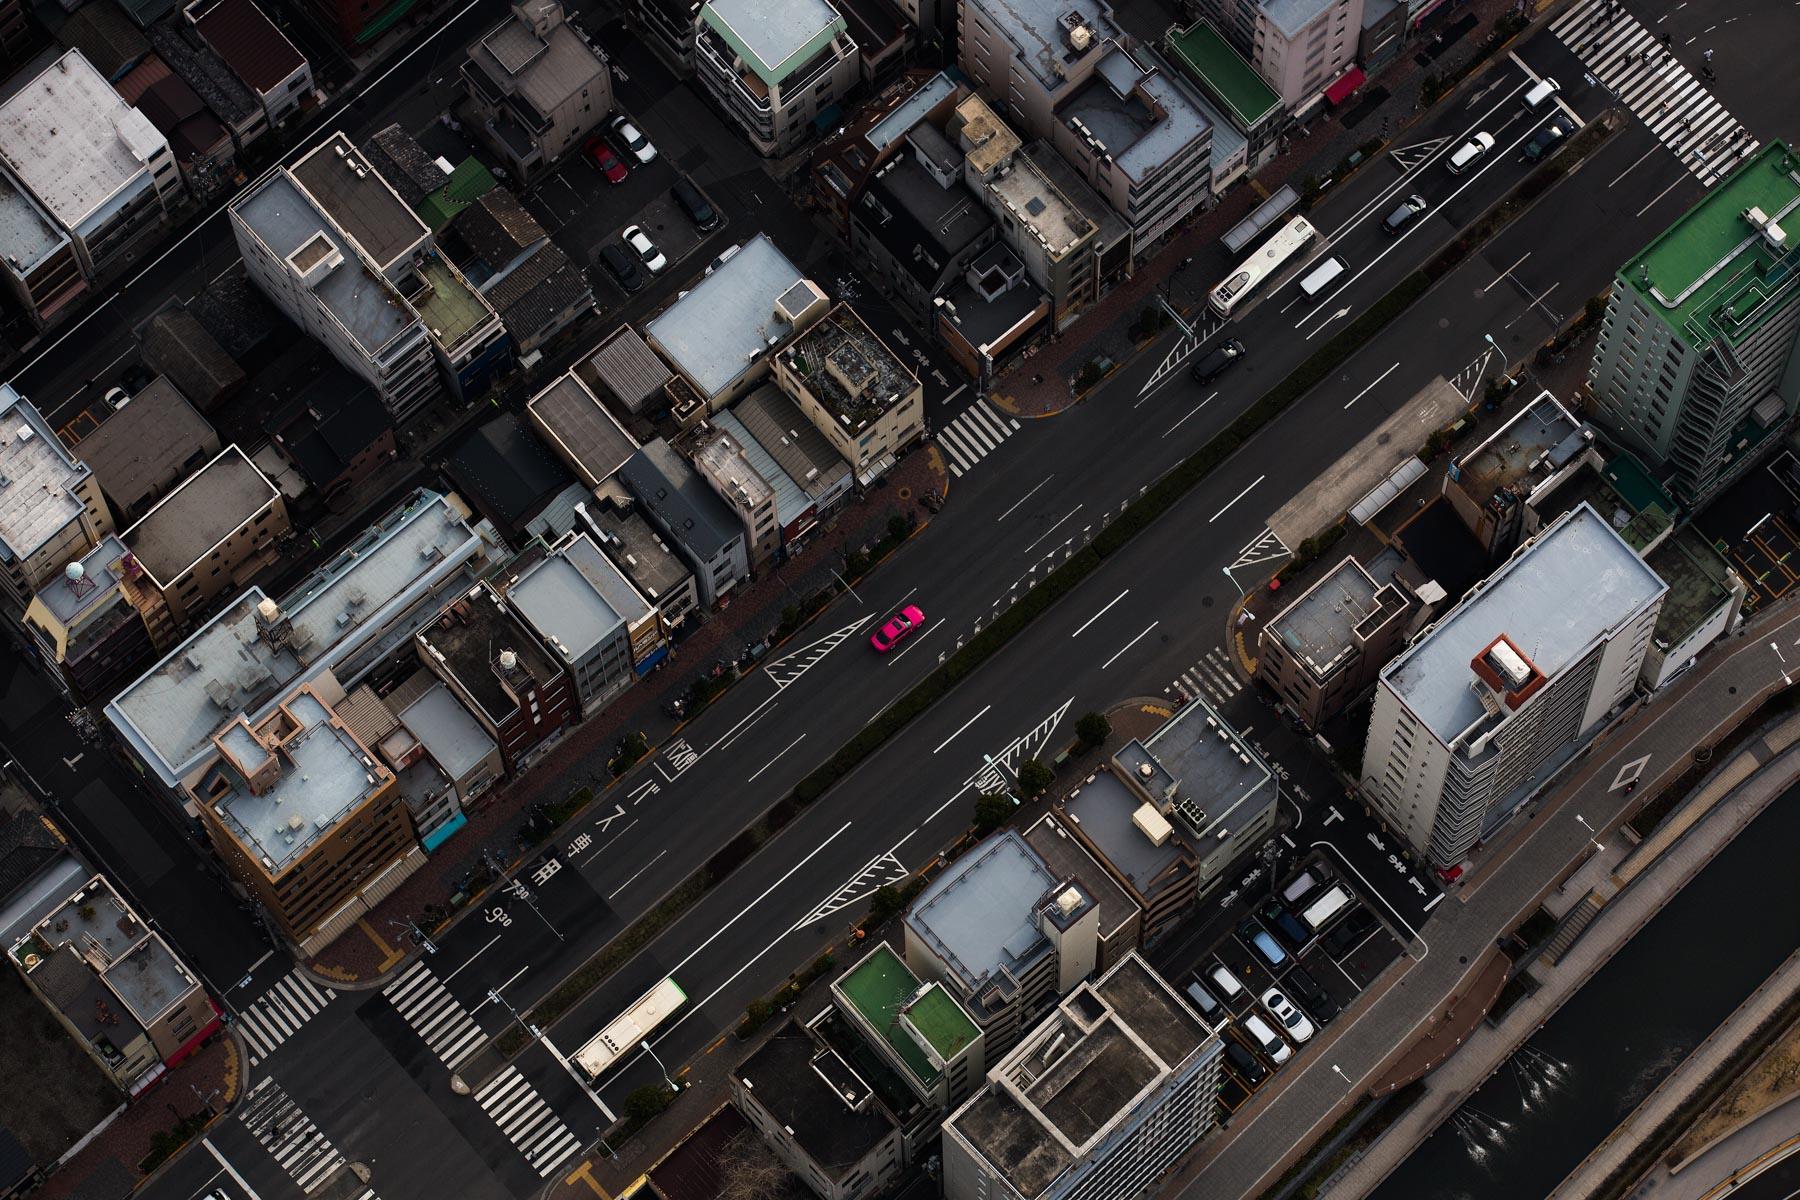 Ein Blick vom 450m hohen Skytree-Tower auf die Straßen von Tokio/ Japan, 2014